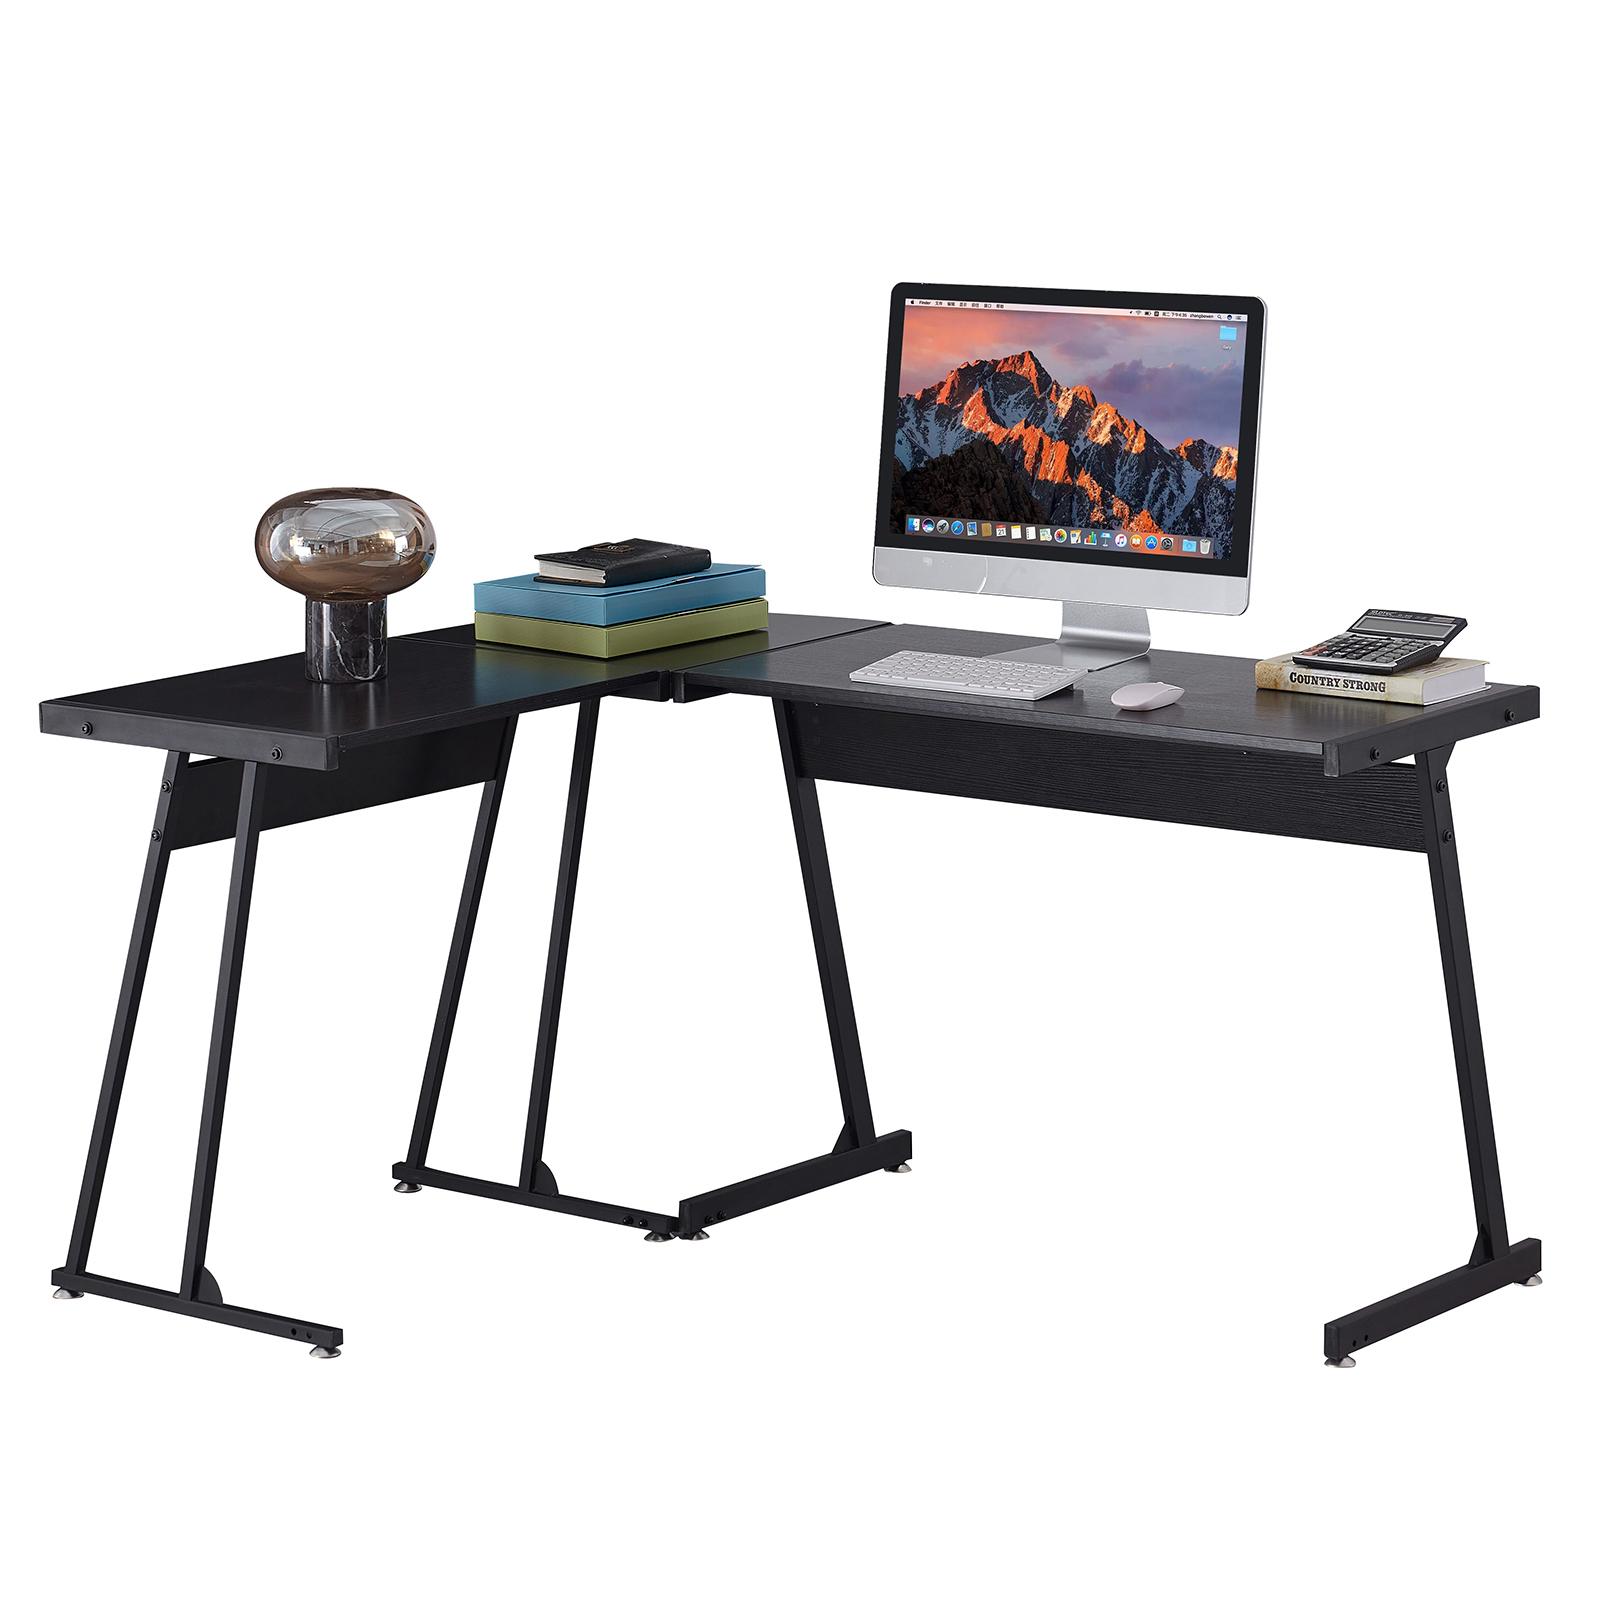 多功能L形游戏桌办公桌-黑+木纹